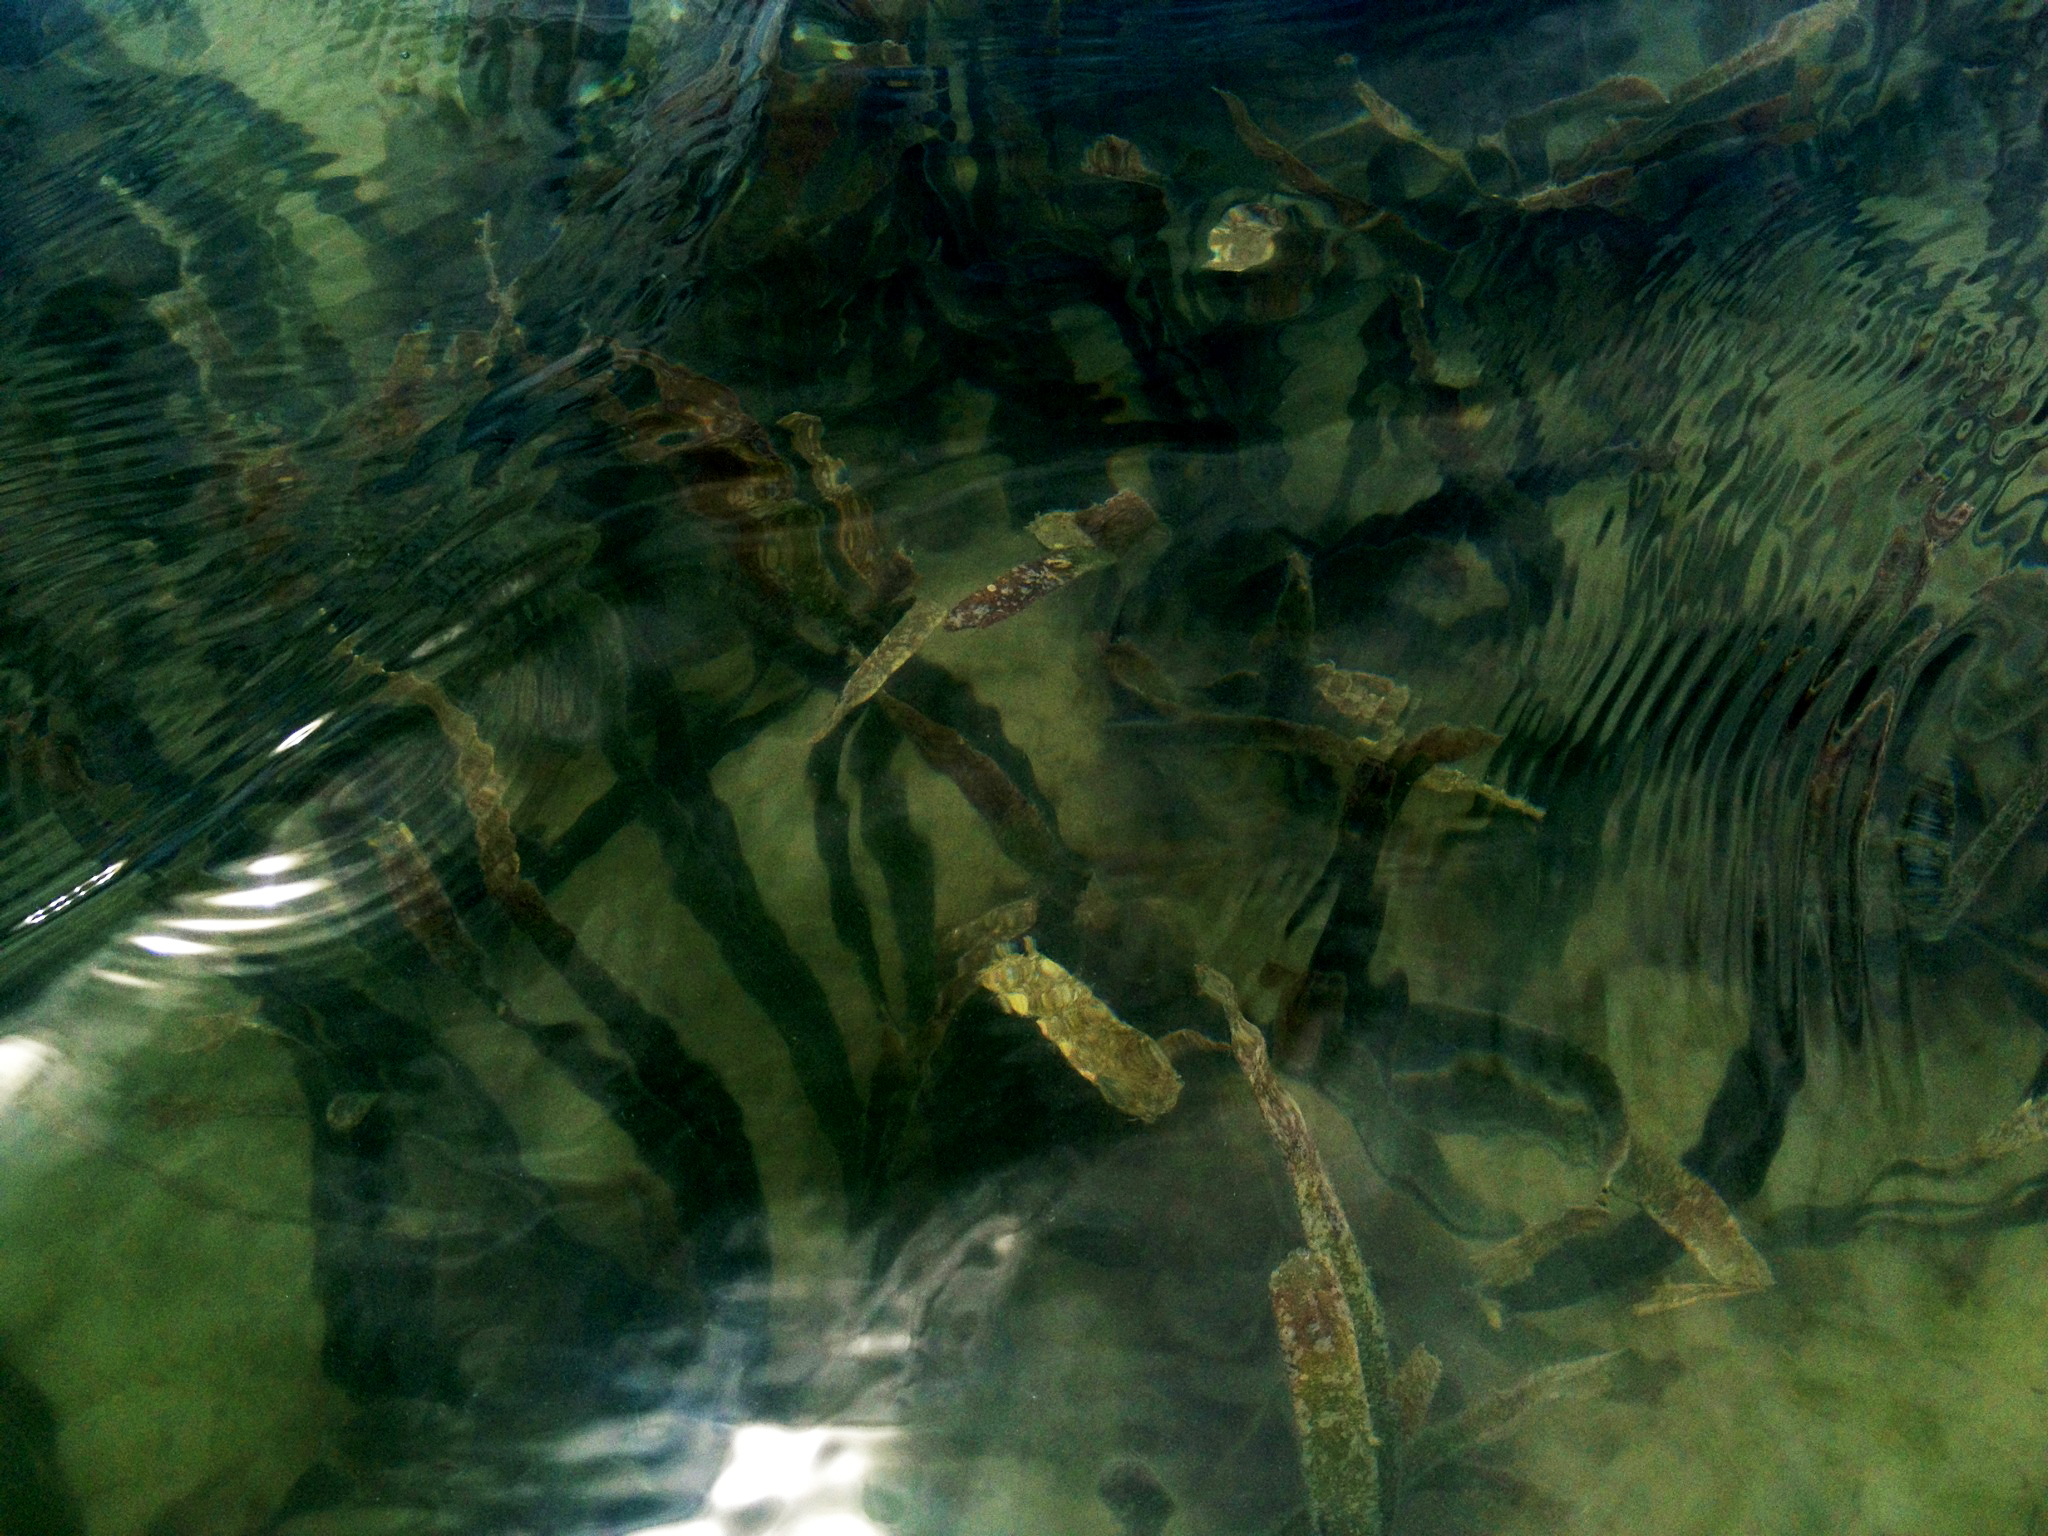 Hydro-ocean2.jpg